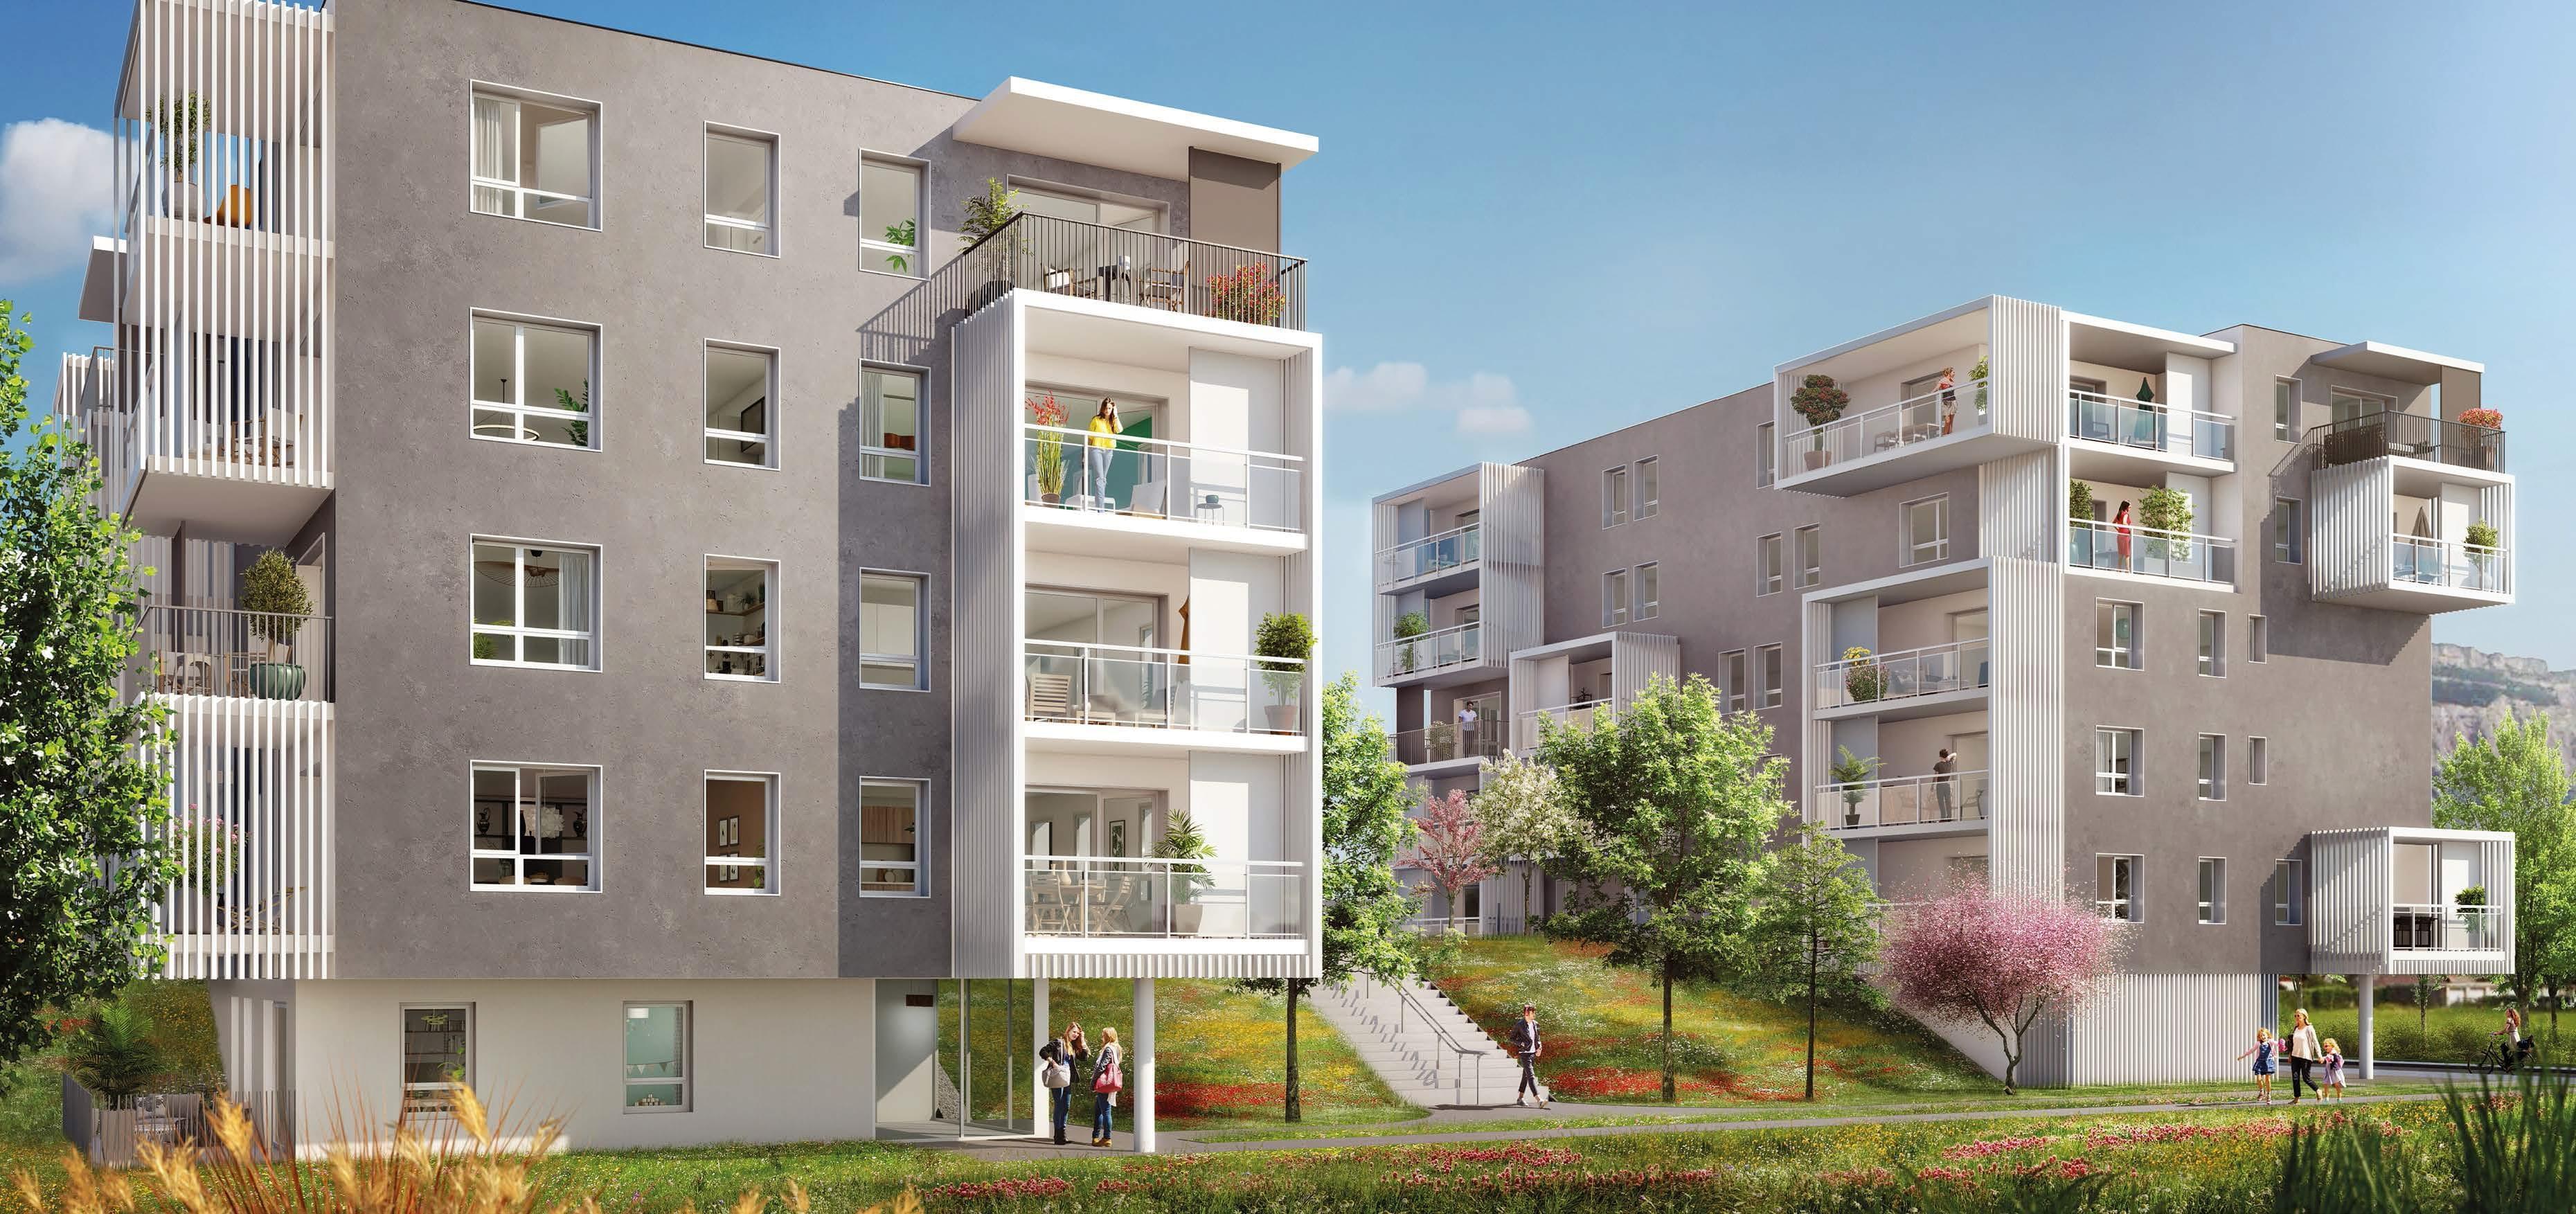 programme immobilier neuf dans un co quartier de saint martin d 39 h res 38400 achat immobilier. Black Bedroom Furniture Sets. Home Design Ideas